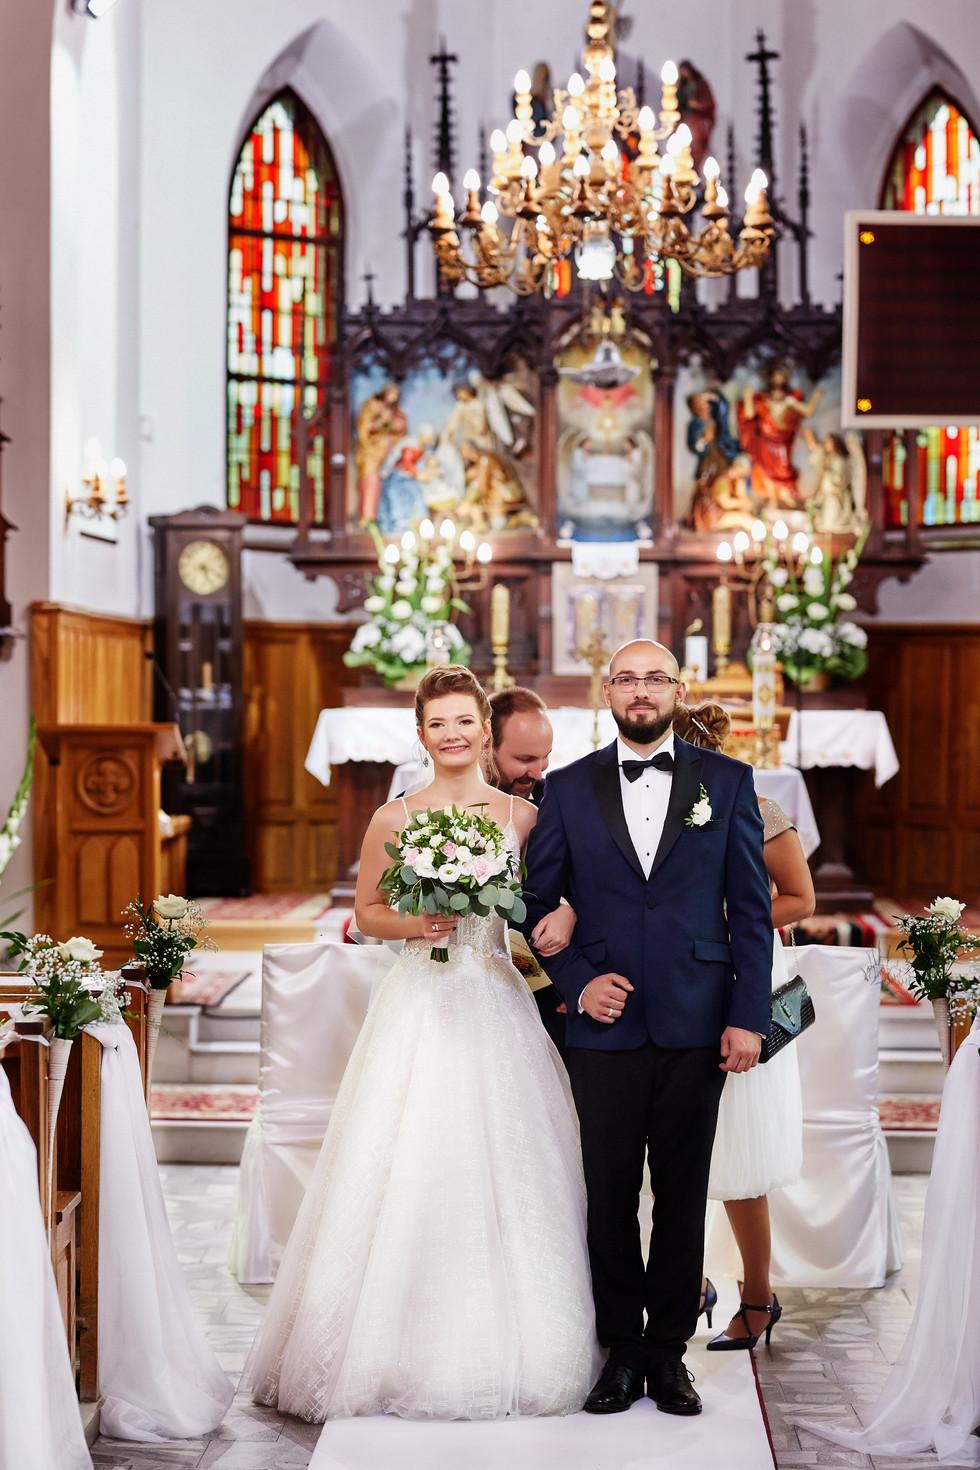 wyjście z kościoła -Olecko para młoda